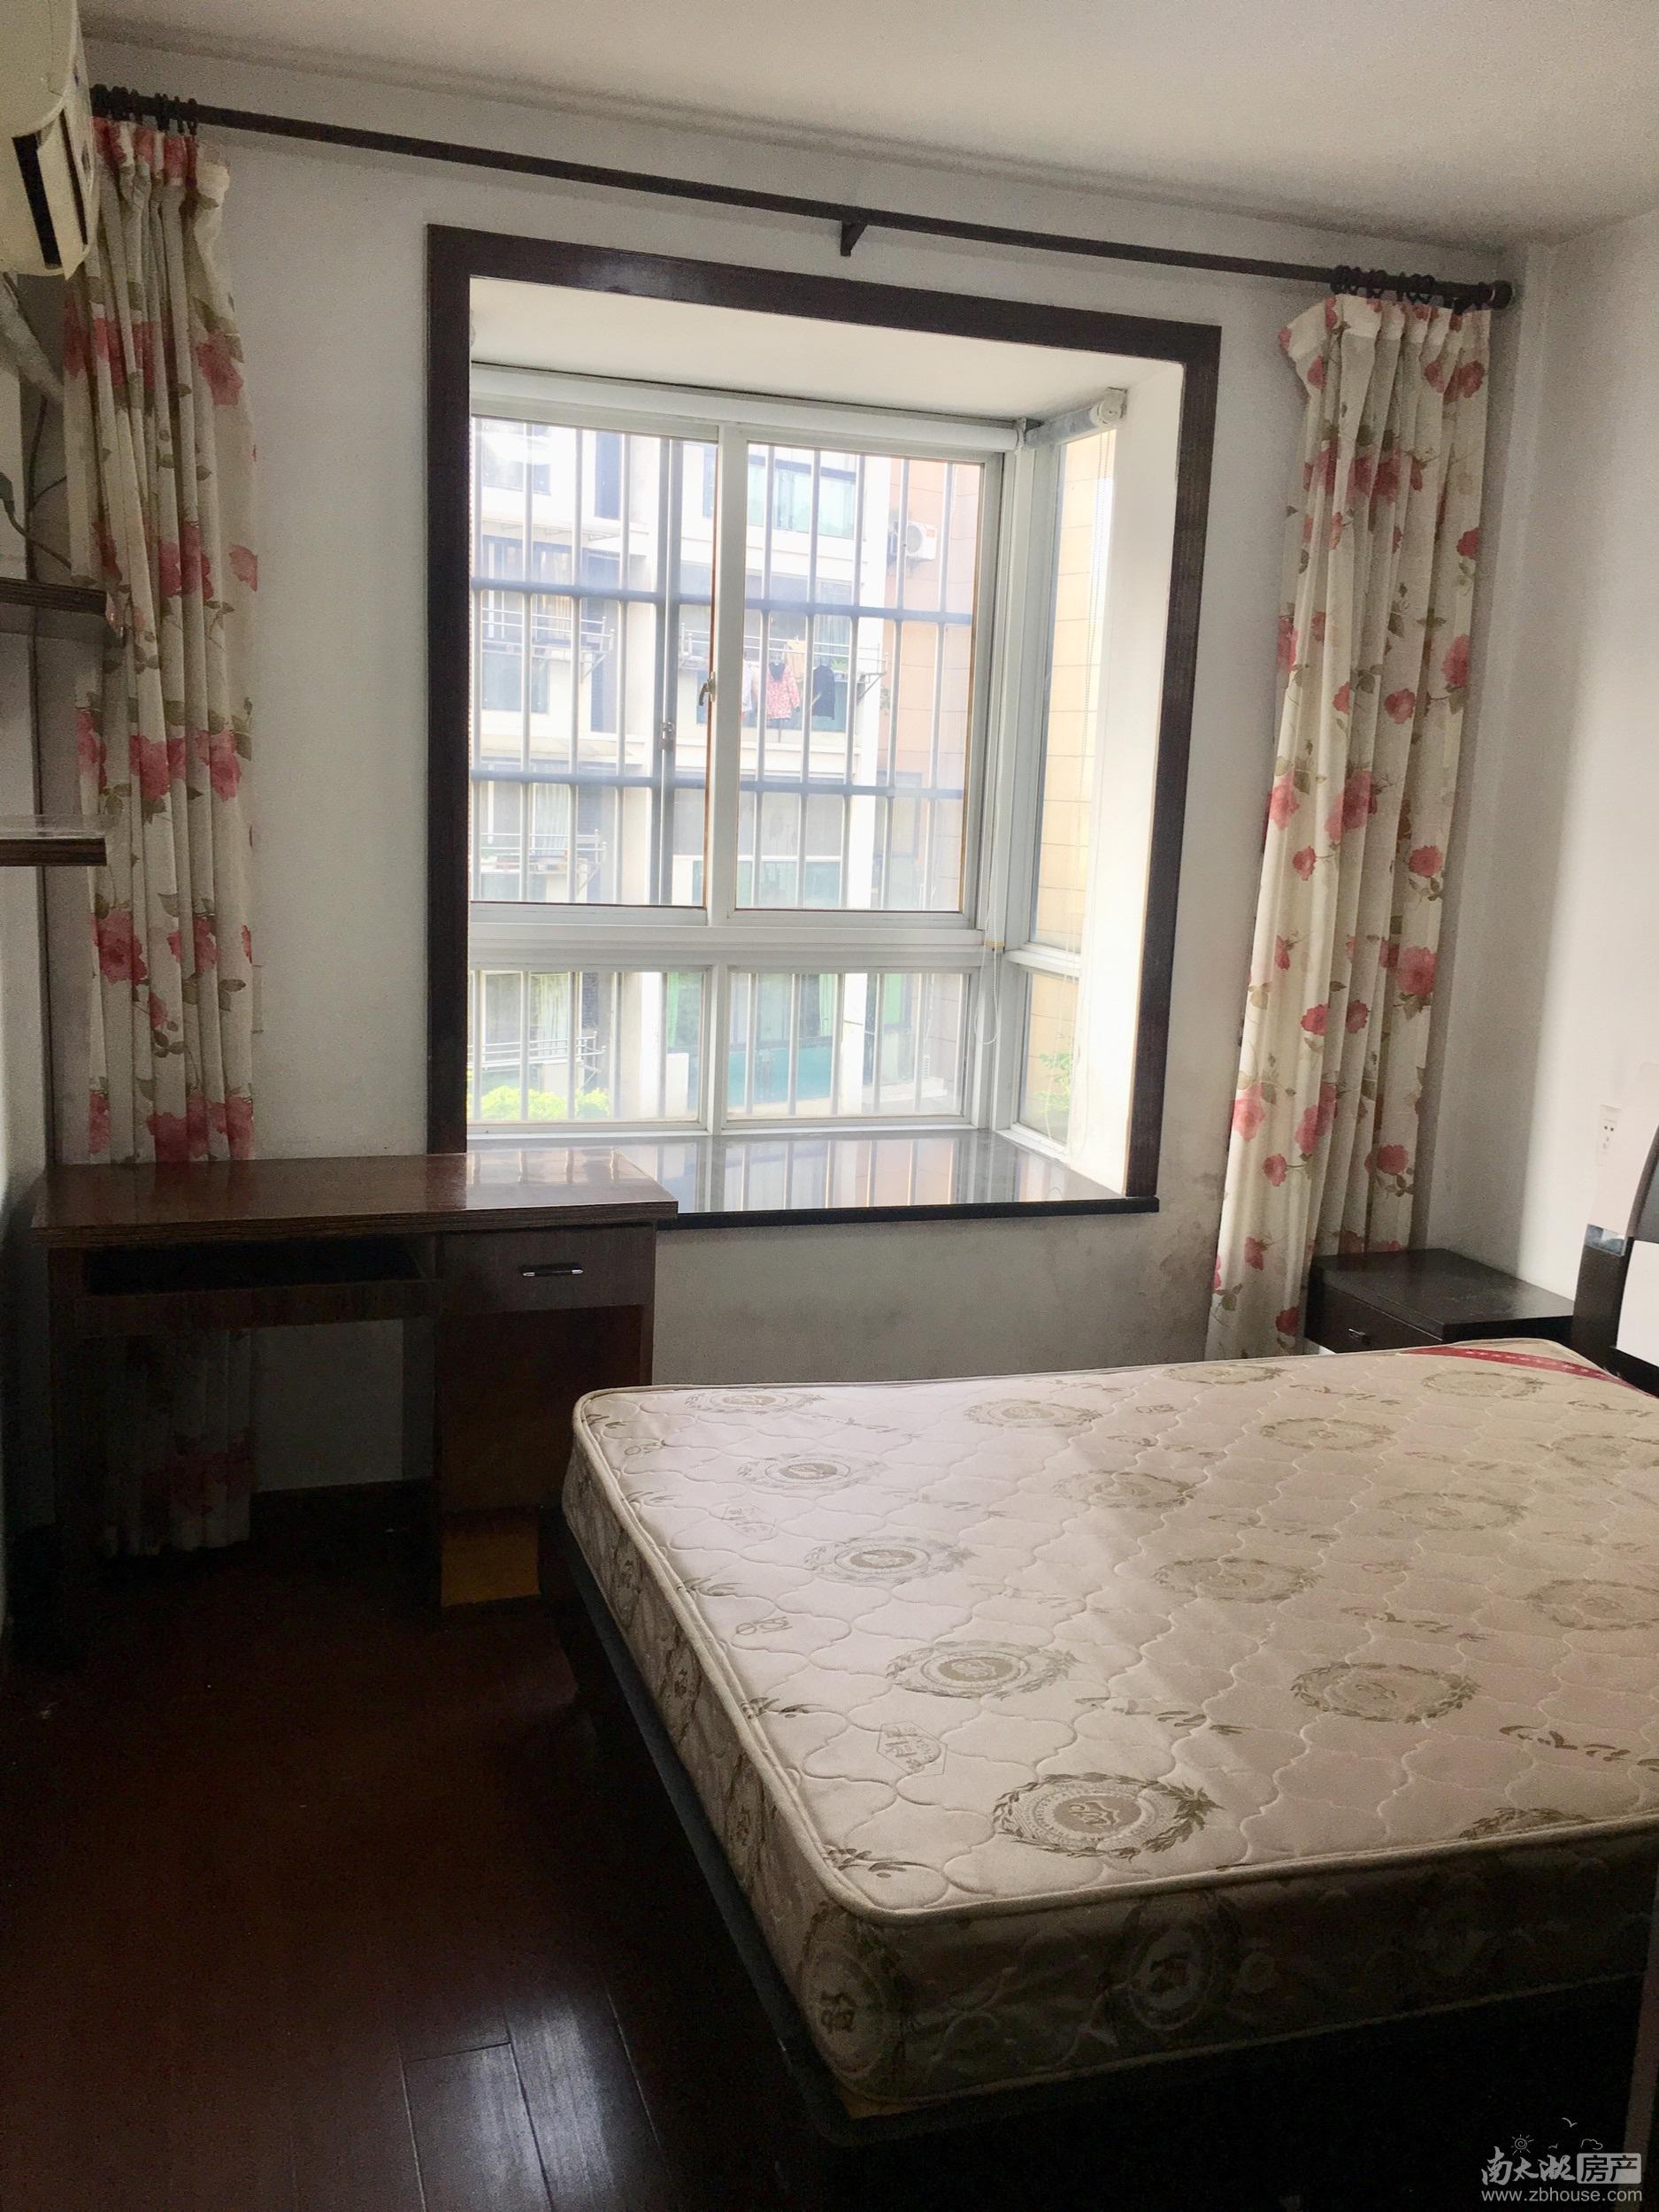 3410 余家漾A区3楼/6楼 88平两室两厅精装 家具家电齐2300有钥匙